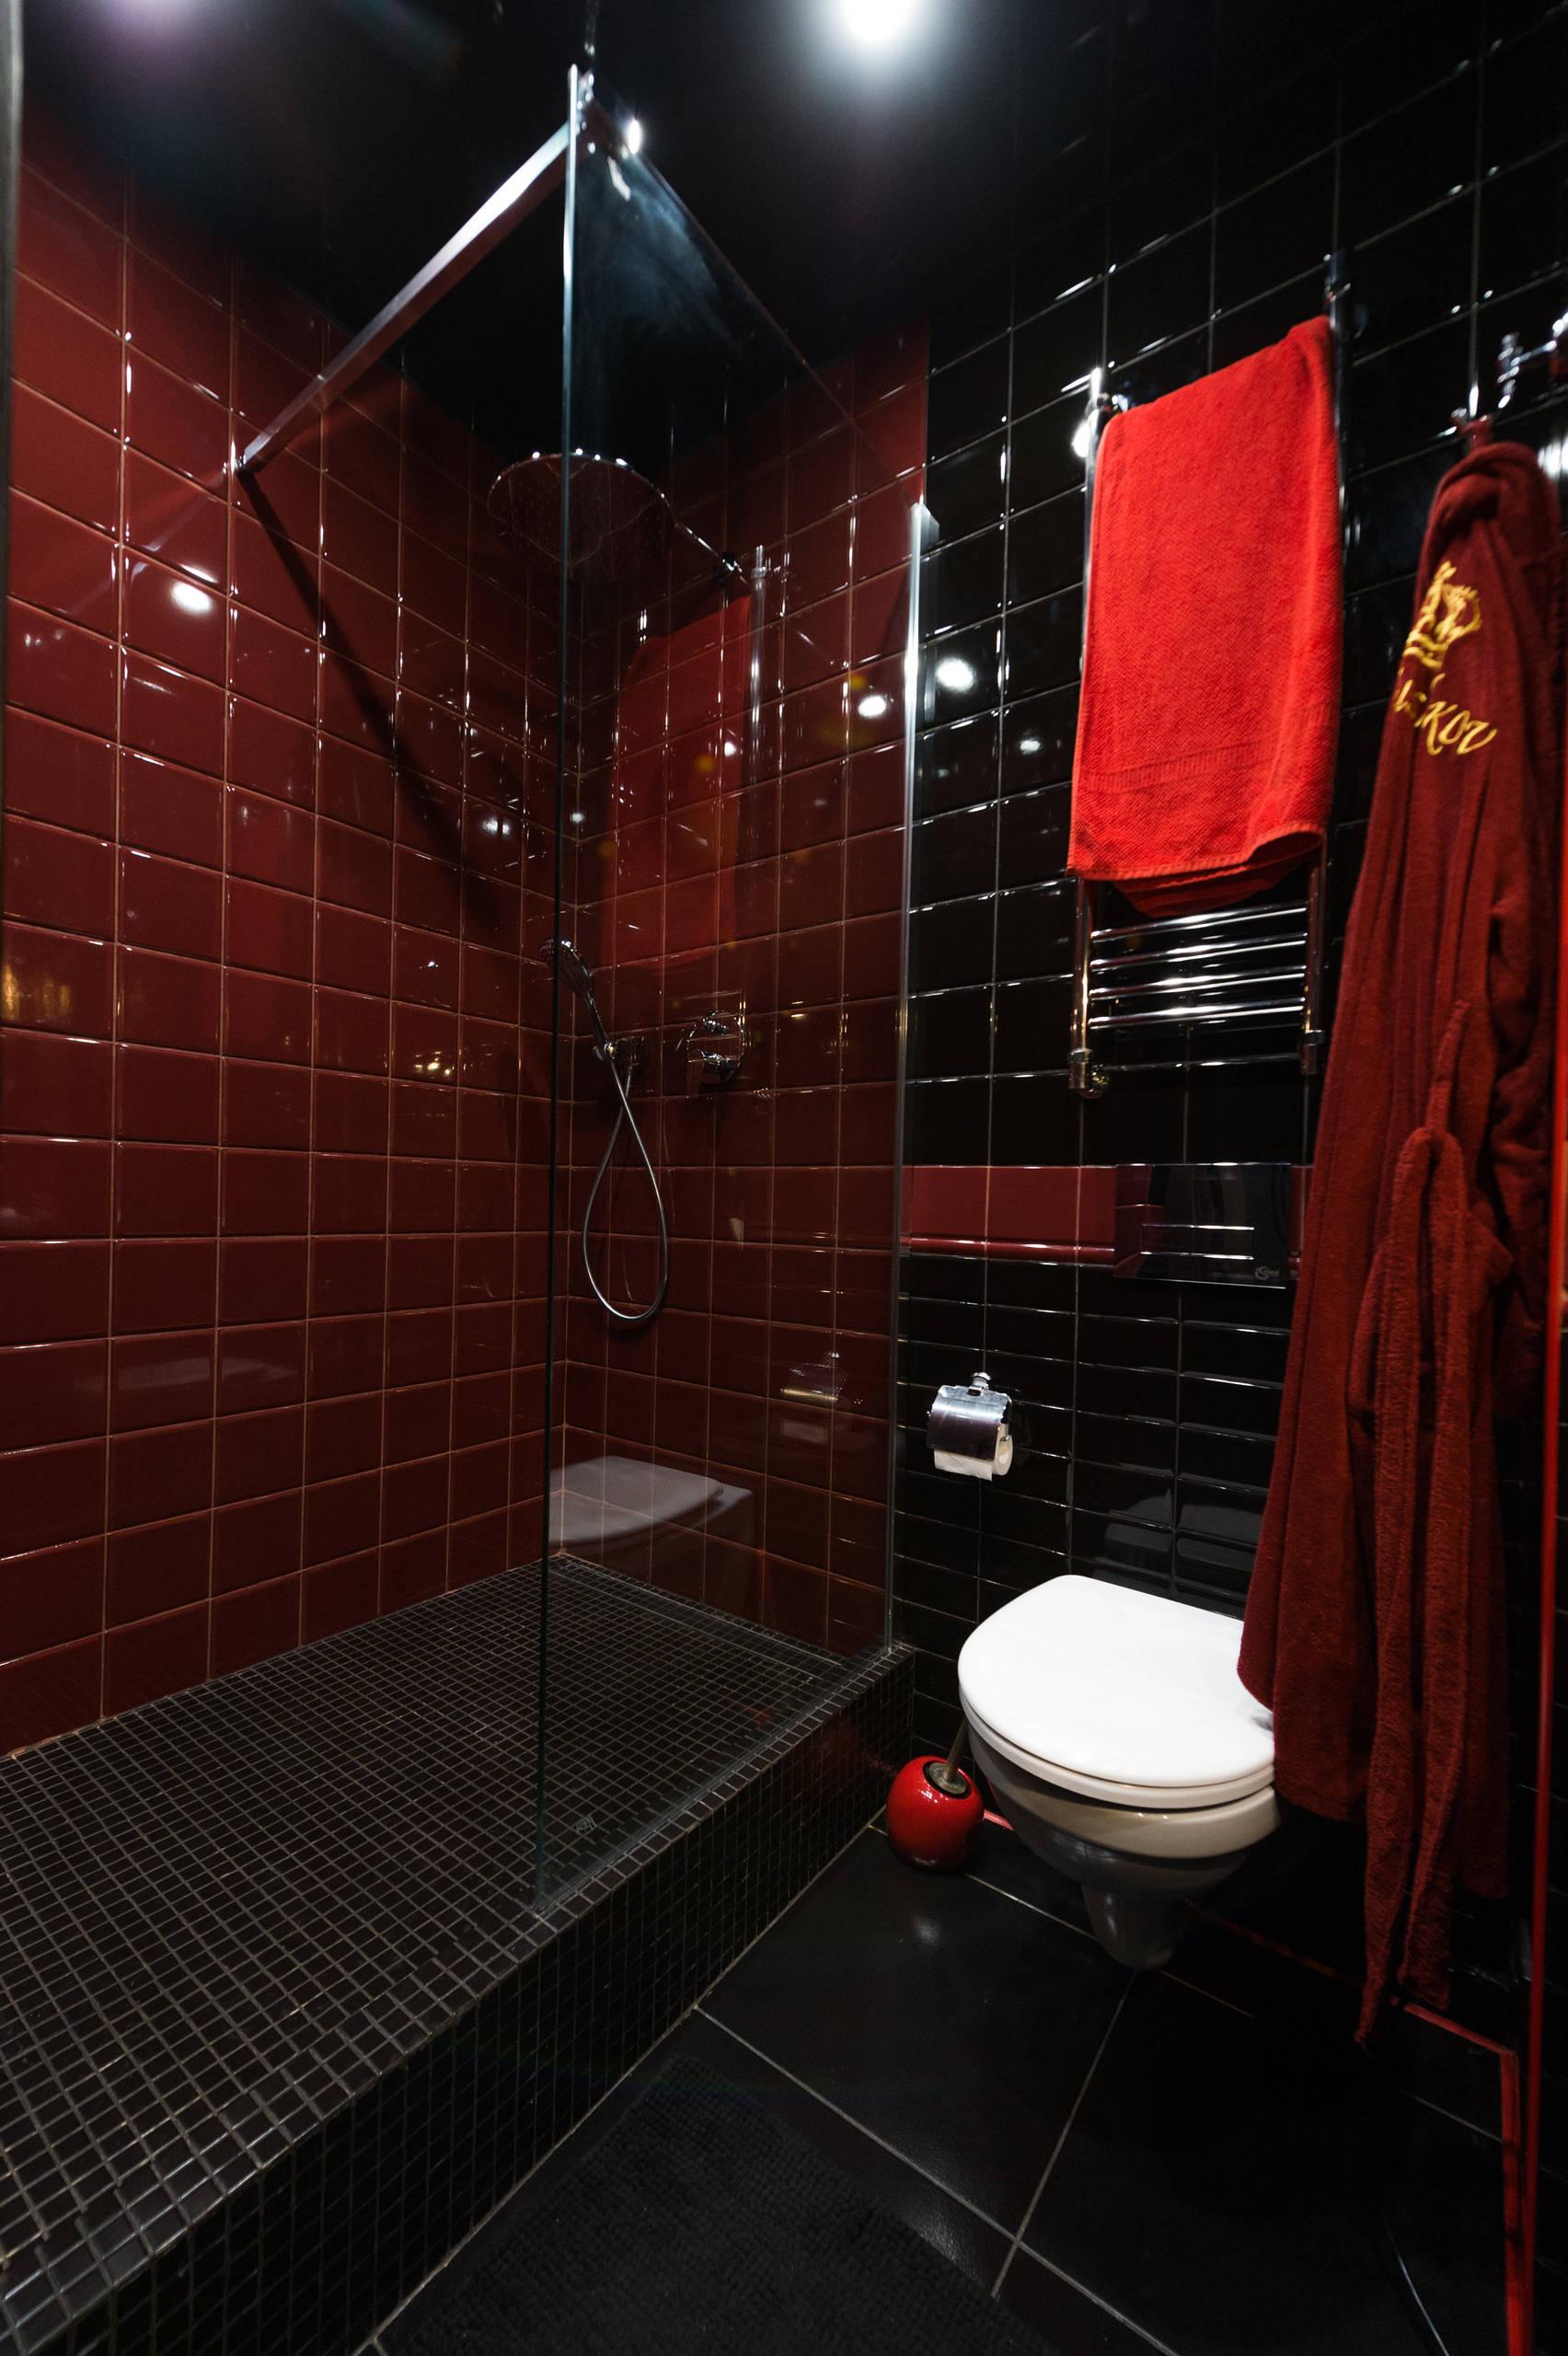 Ванная комната в красно-черных тонах